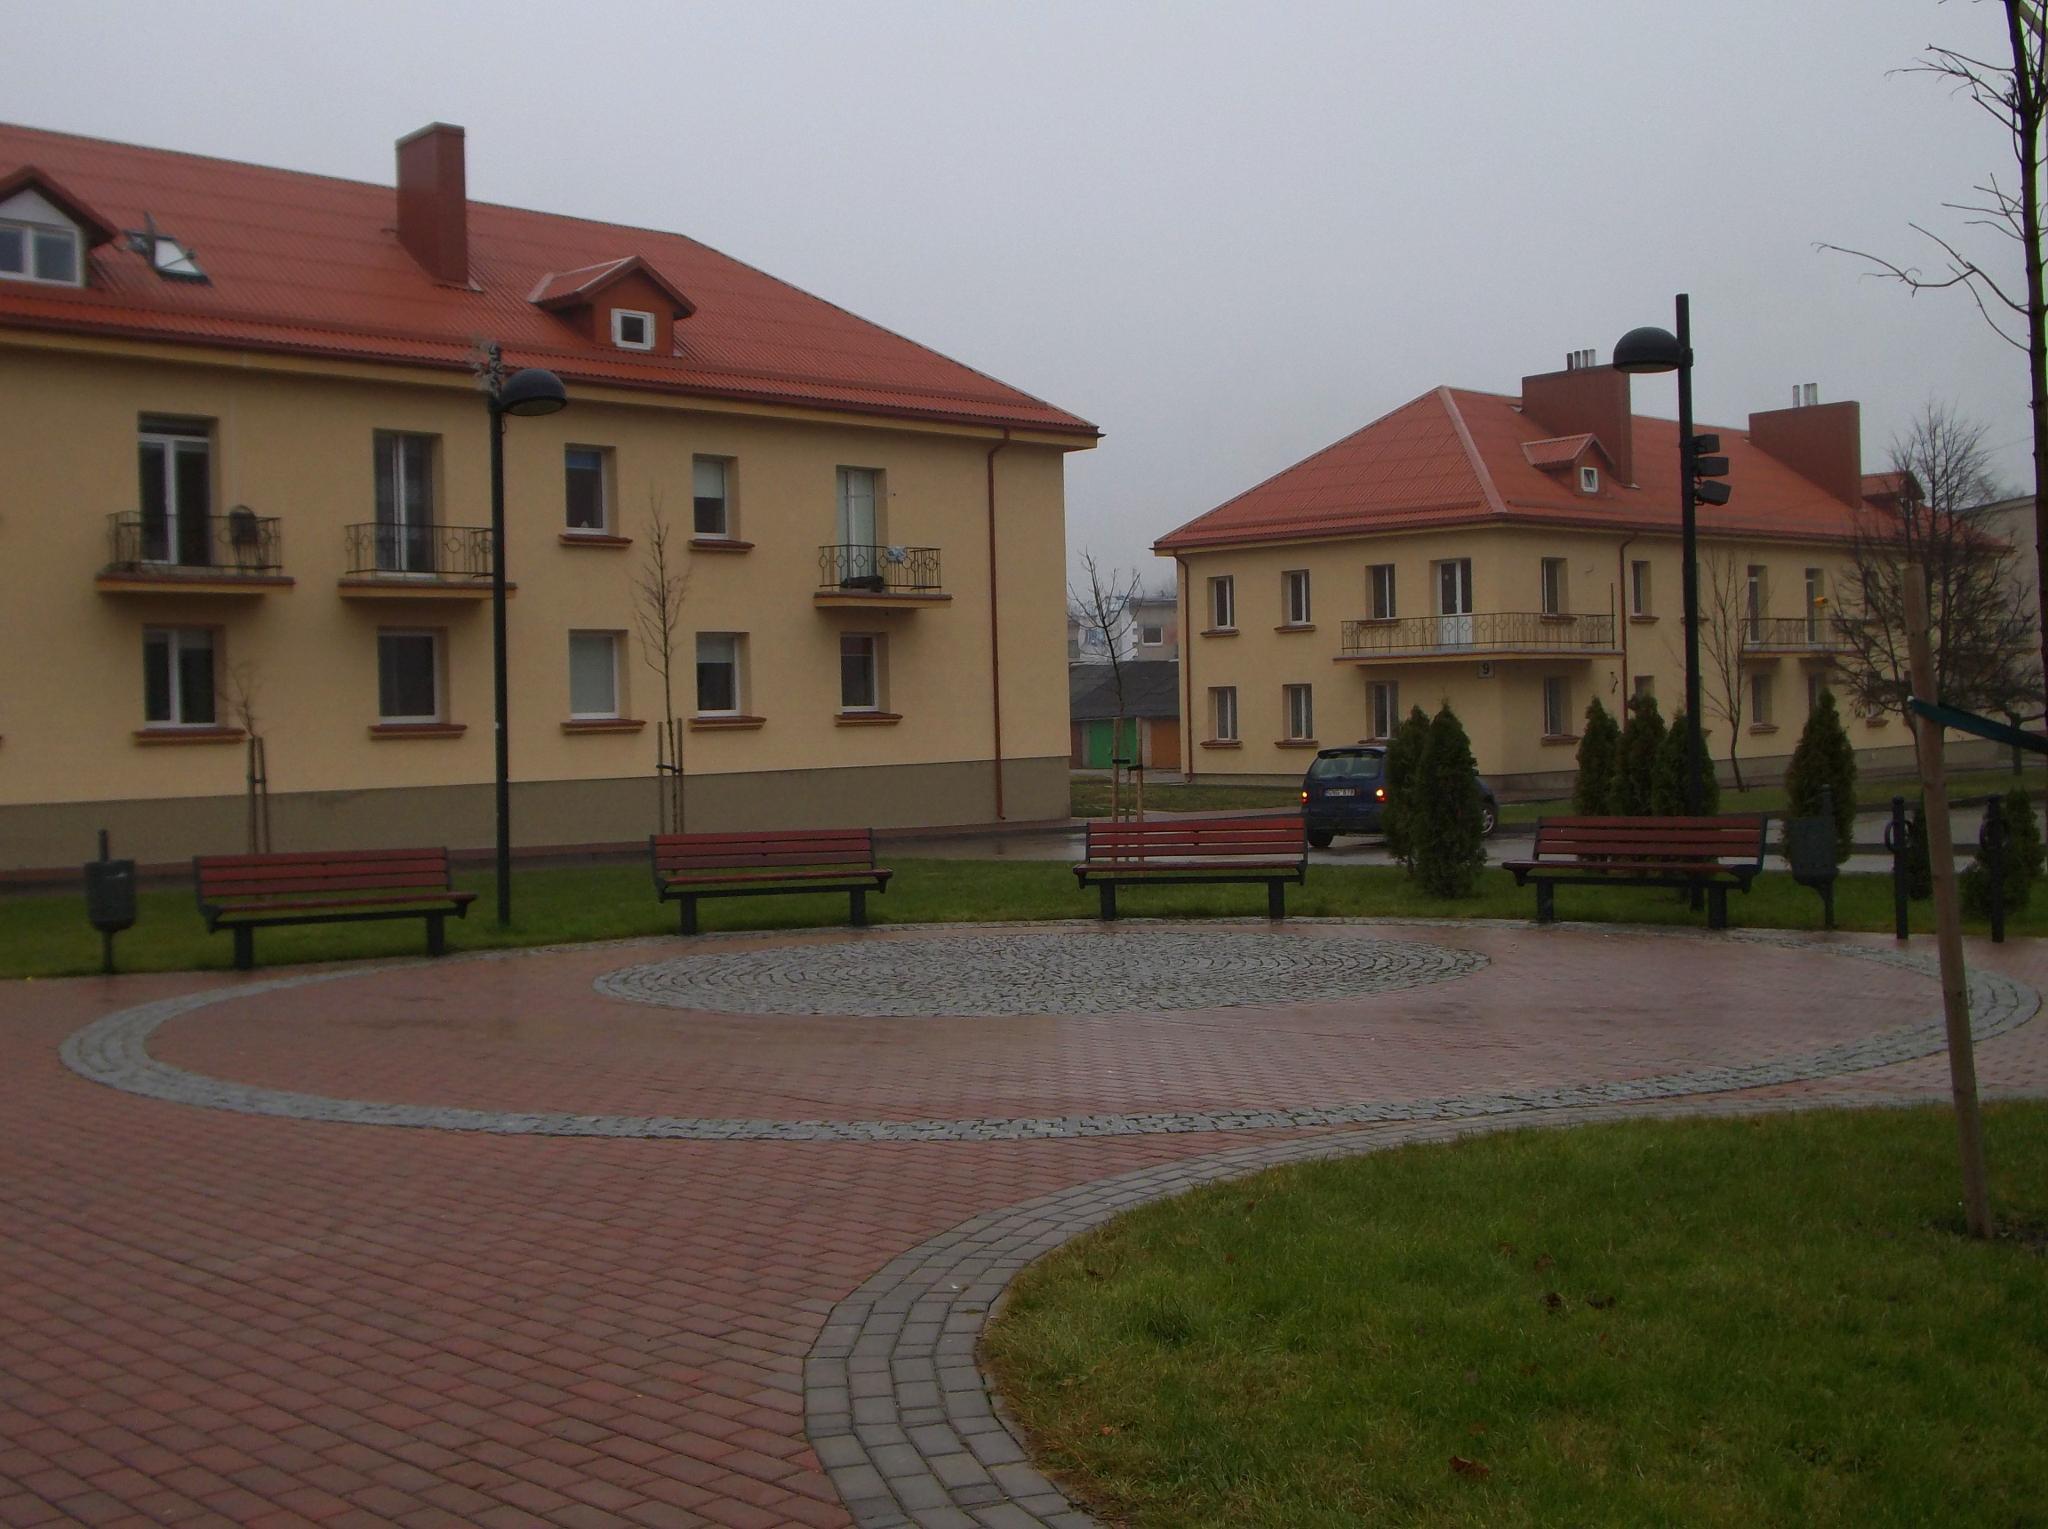 Buildings by Zita Užkuraitienė